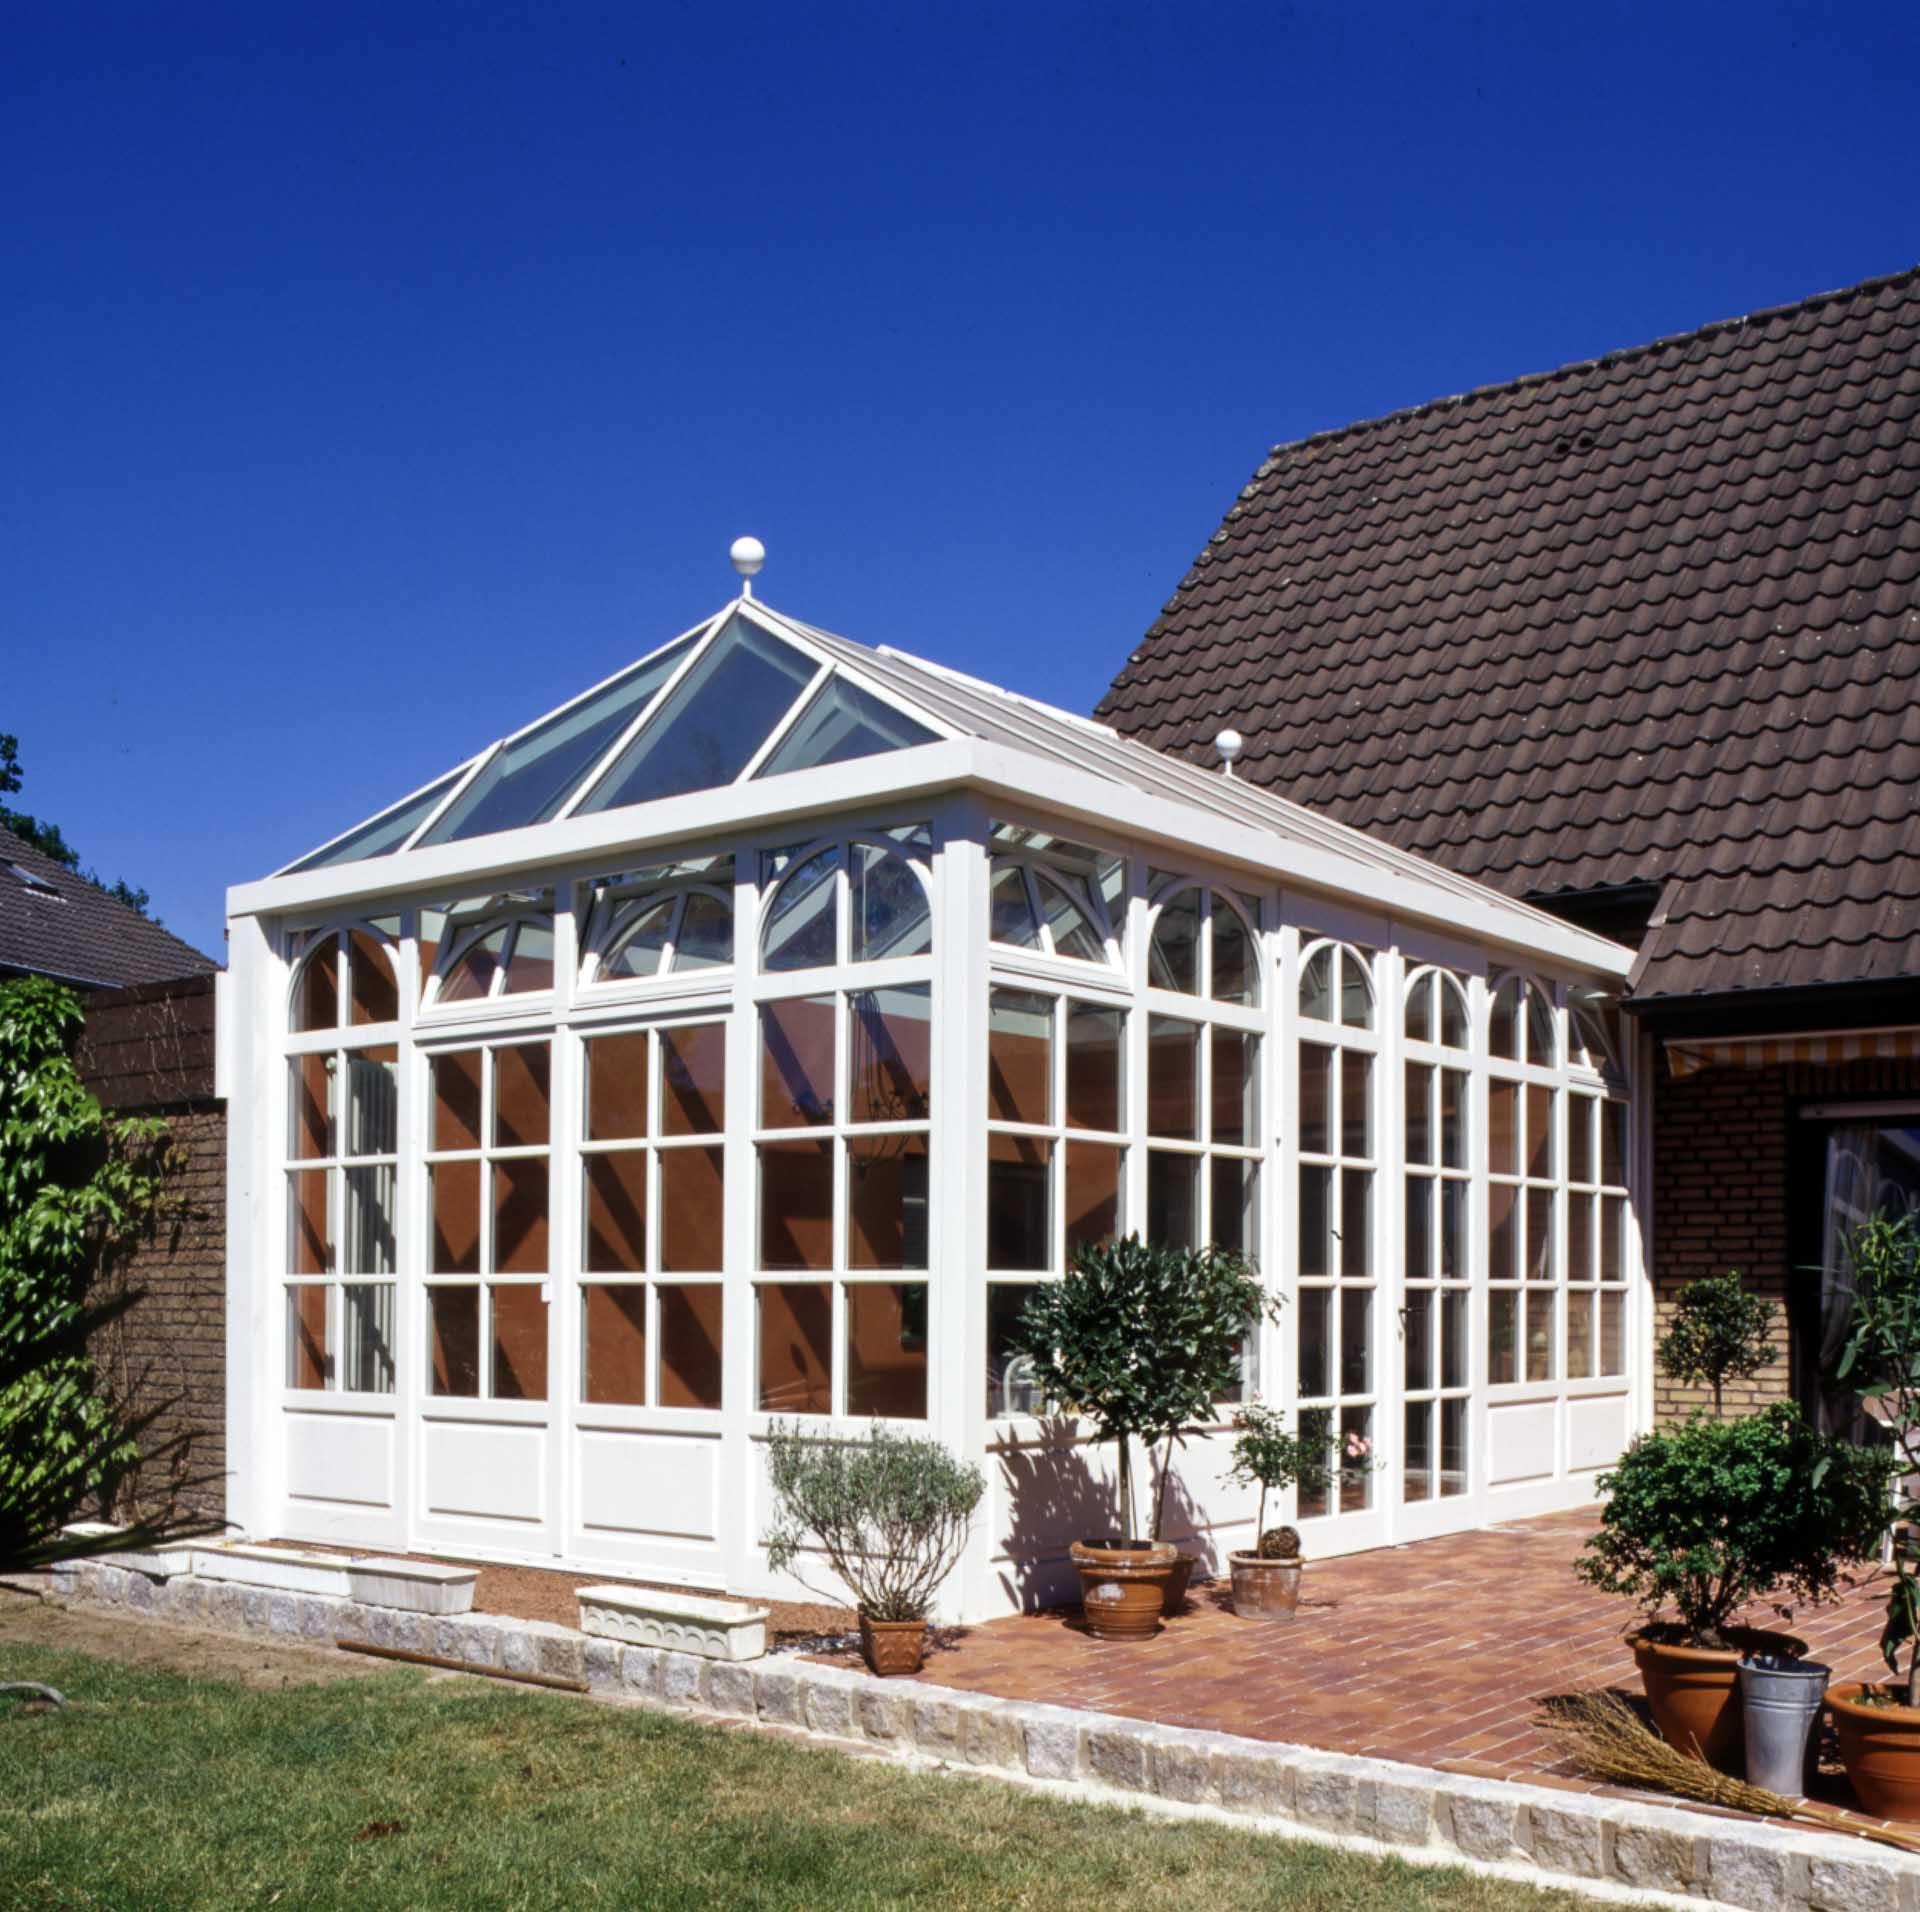 DecoArt Wintergarten in Rosendahl (Objekt 763). Sprossenfenster und Walmdach betonen den ländlichen Charakter